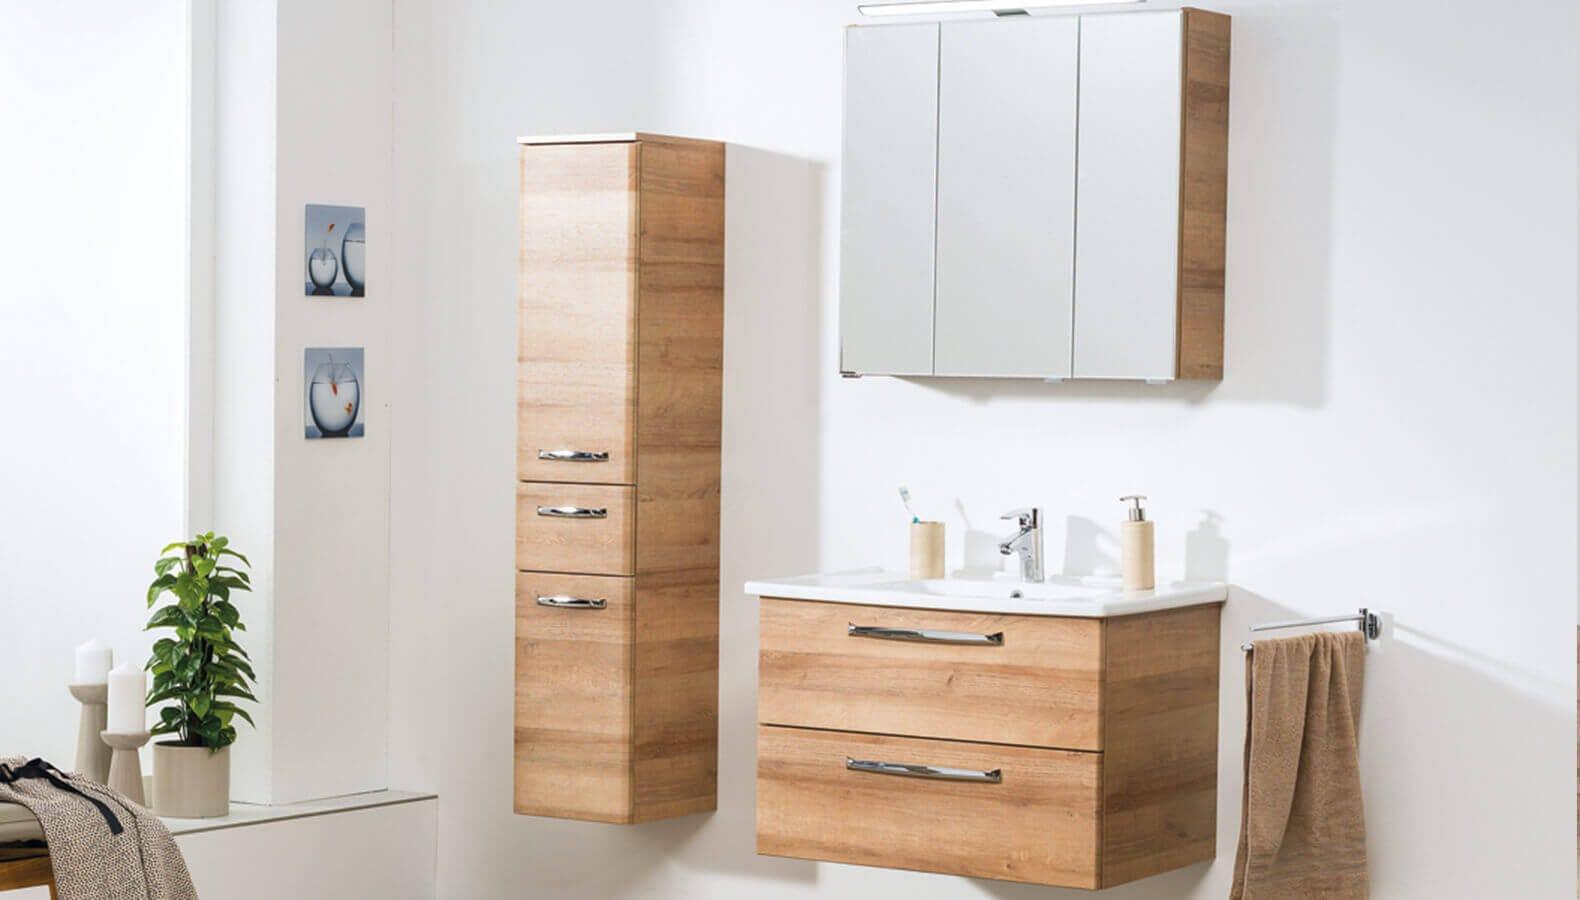 Spiegelschränke für das perfekt ausgestattete Bad   kika.at